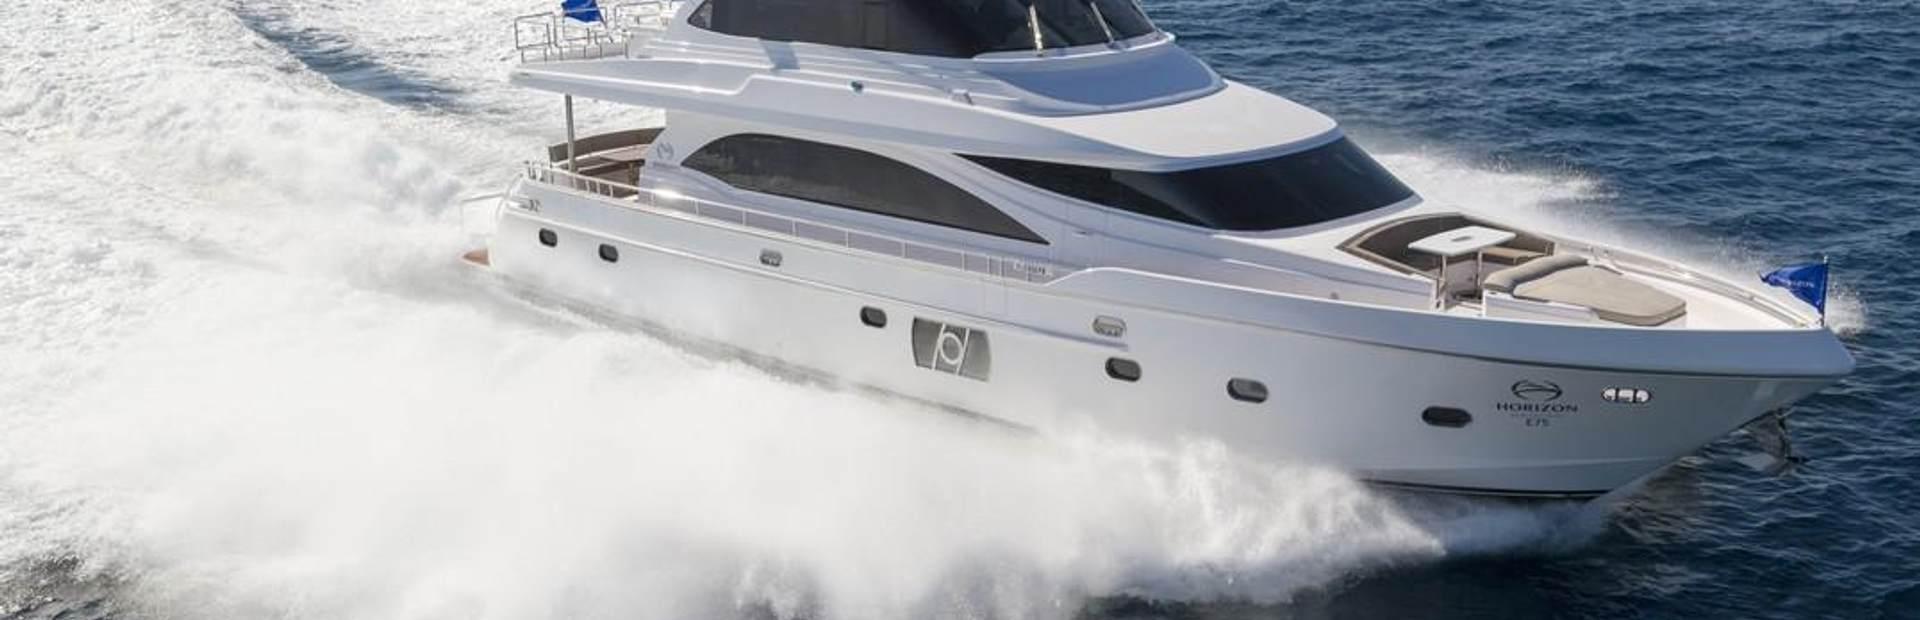 E75 Yacht Charter